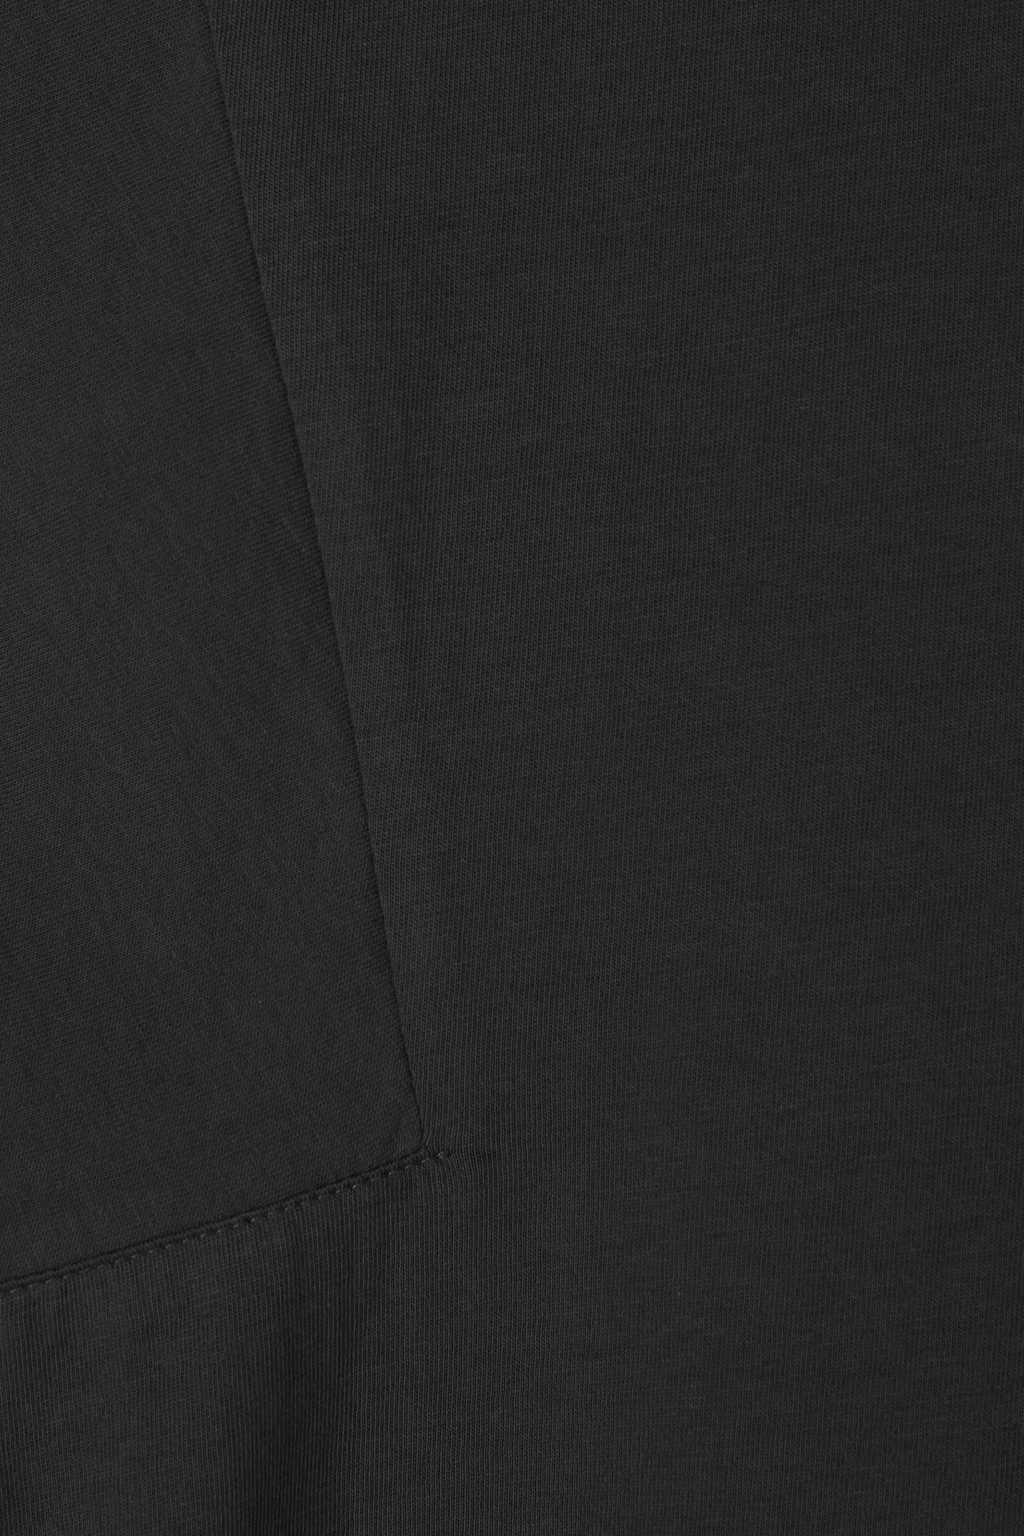 TShirt 3203 Black 8